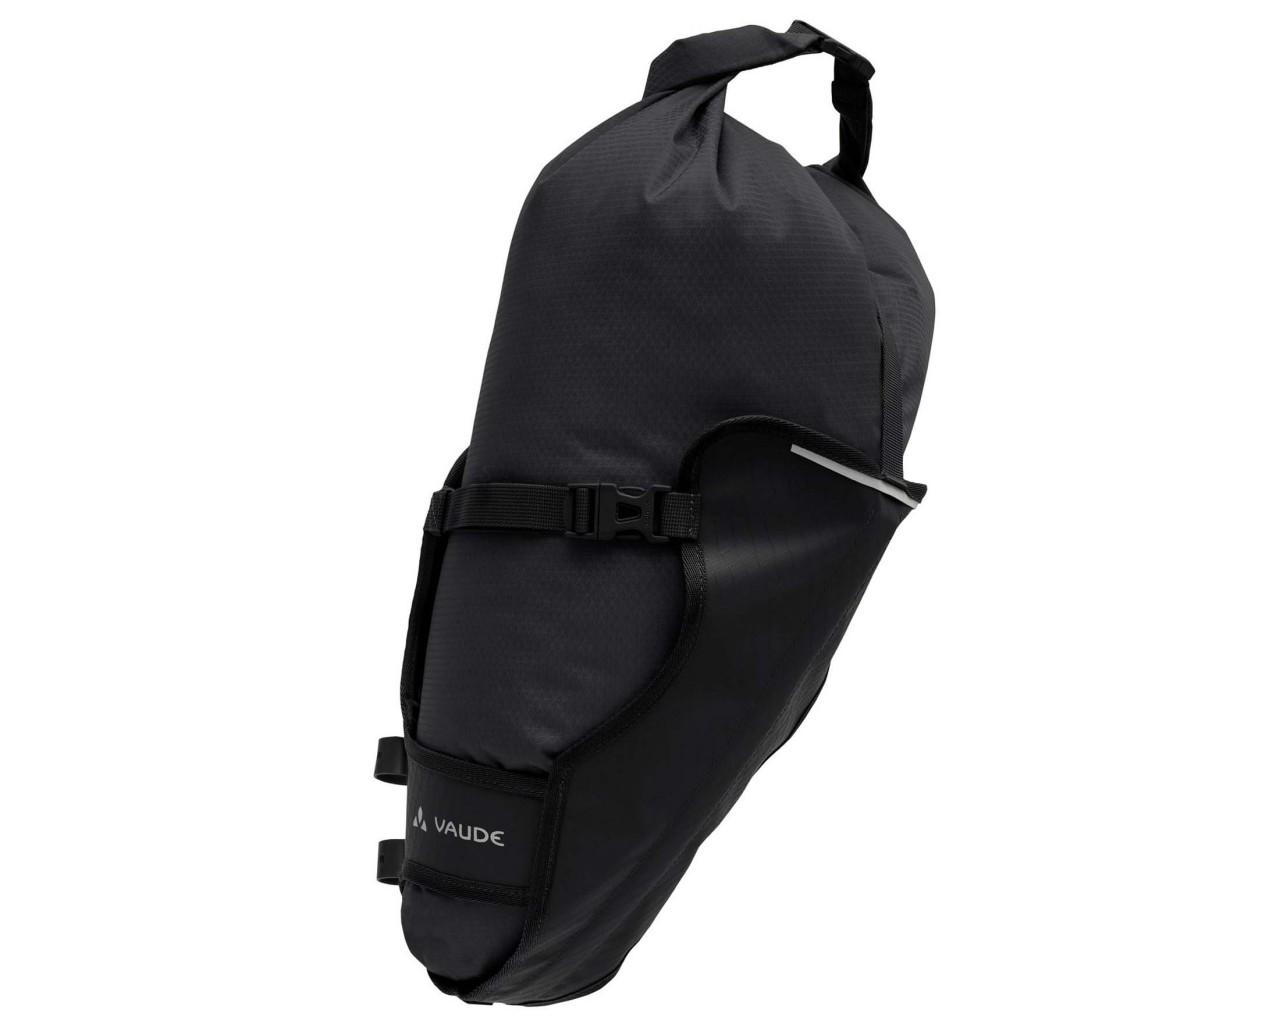 Vaude Trailsaddle 12 liter wasserdichte Satteltasche füs Bikepacking   black uni